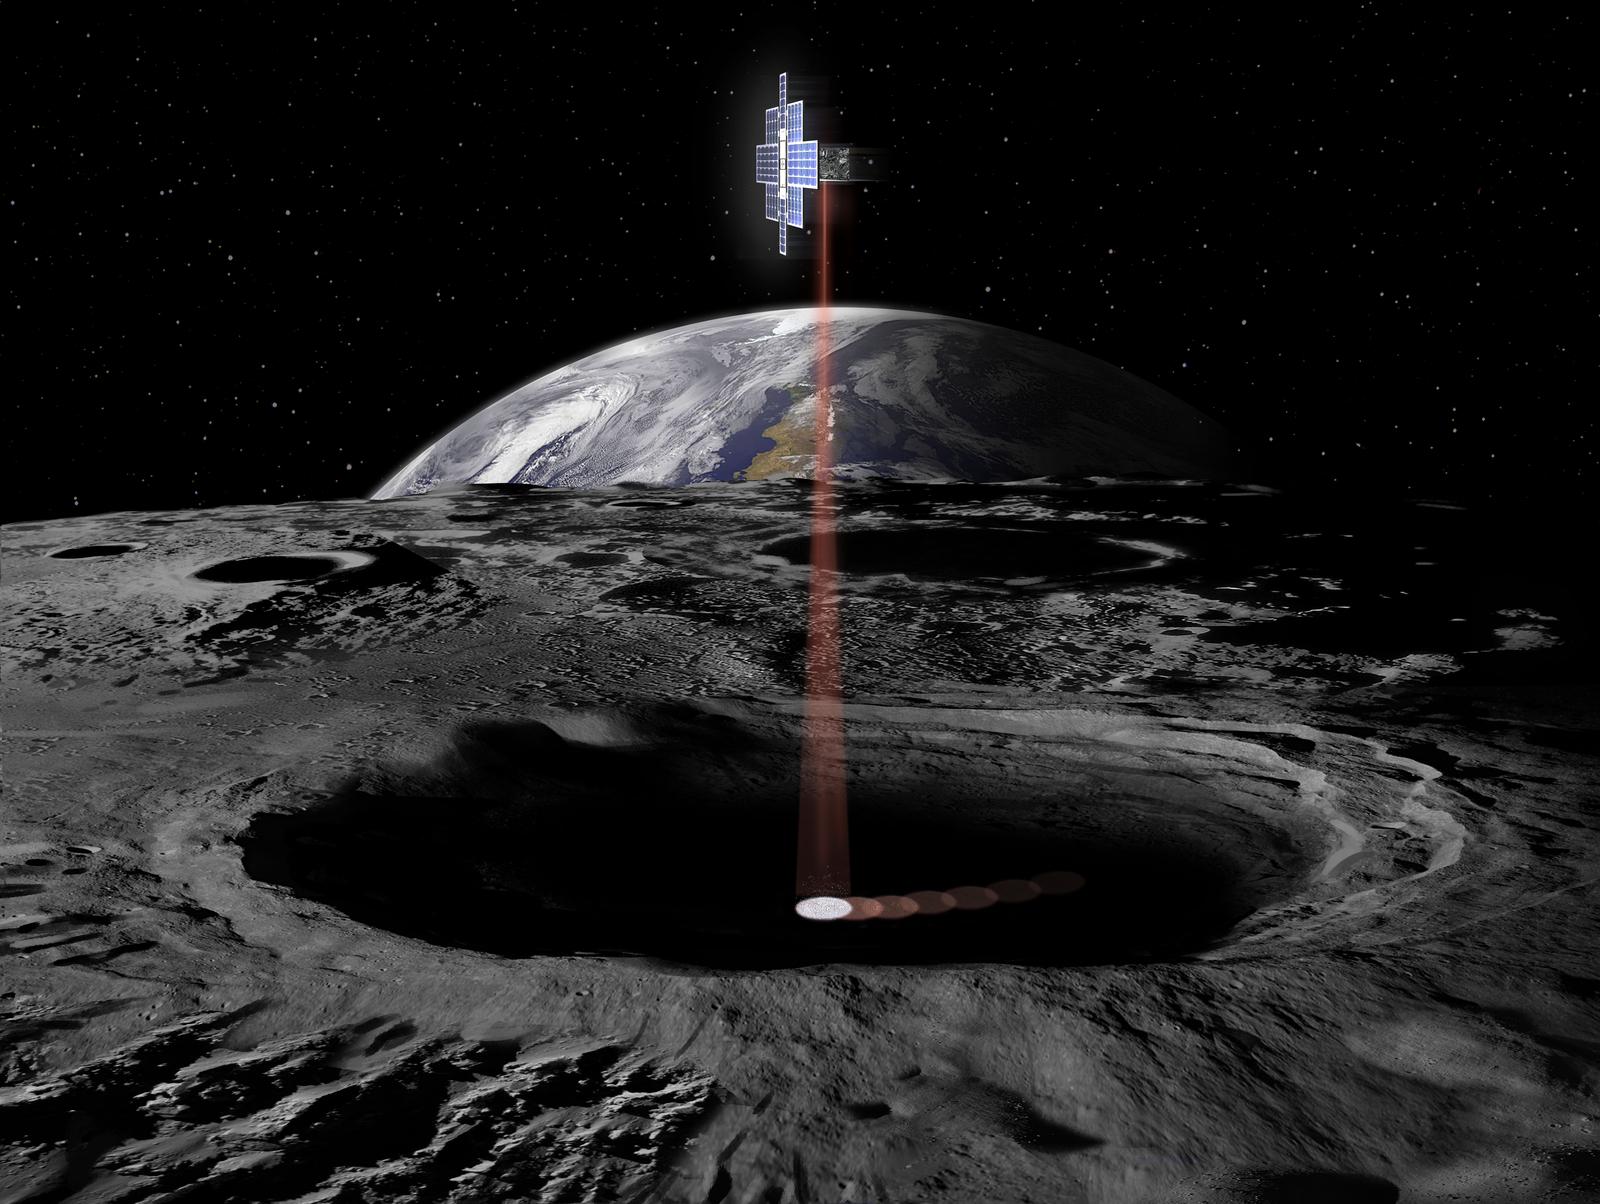 nasa moon mars update - photo #32